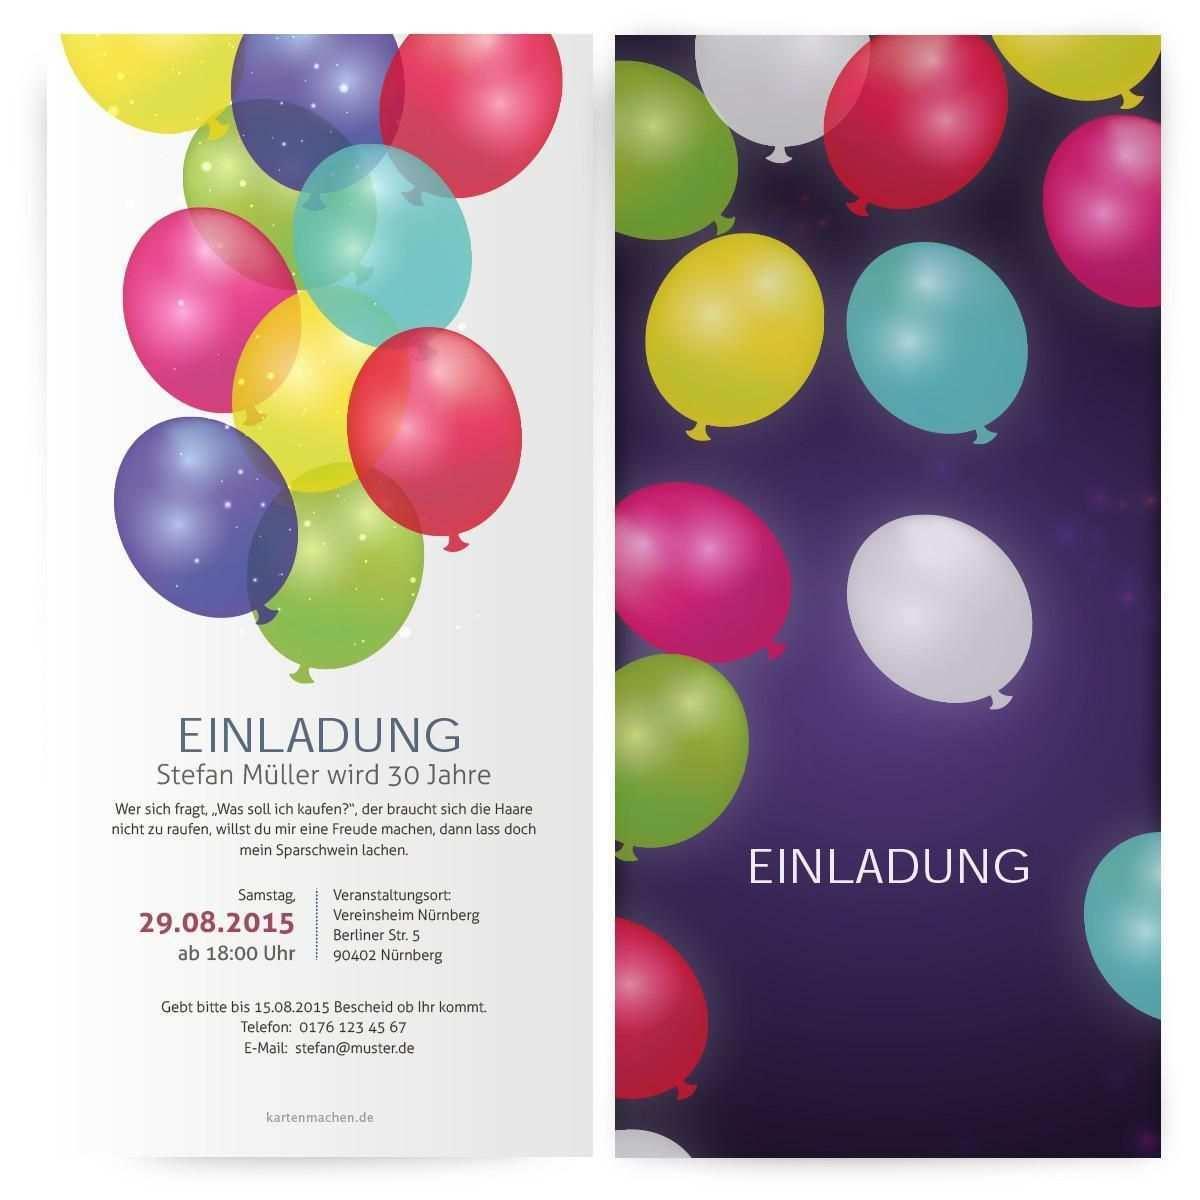 Geburtstag Einladungskarte Einladungskarten Fur Geburtstag Geburtstag Ei Einladung Geburtstag Einladungskarten Geburtstag Kind Kindergeburtstagseinladungen